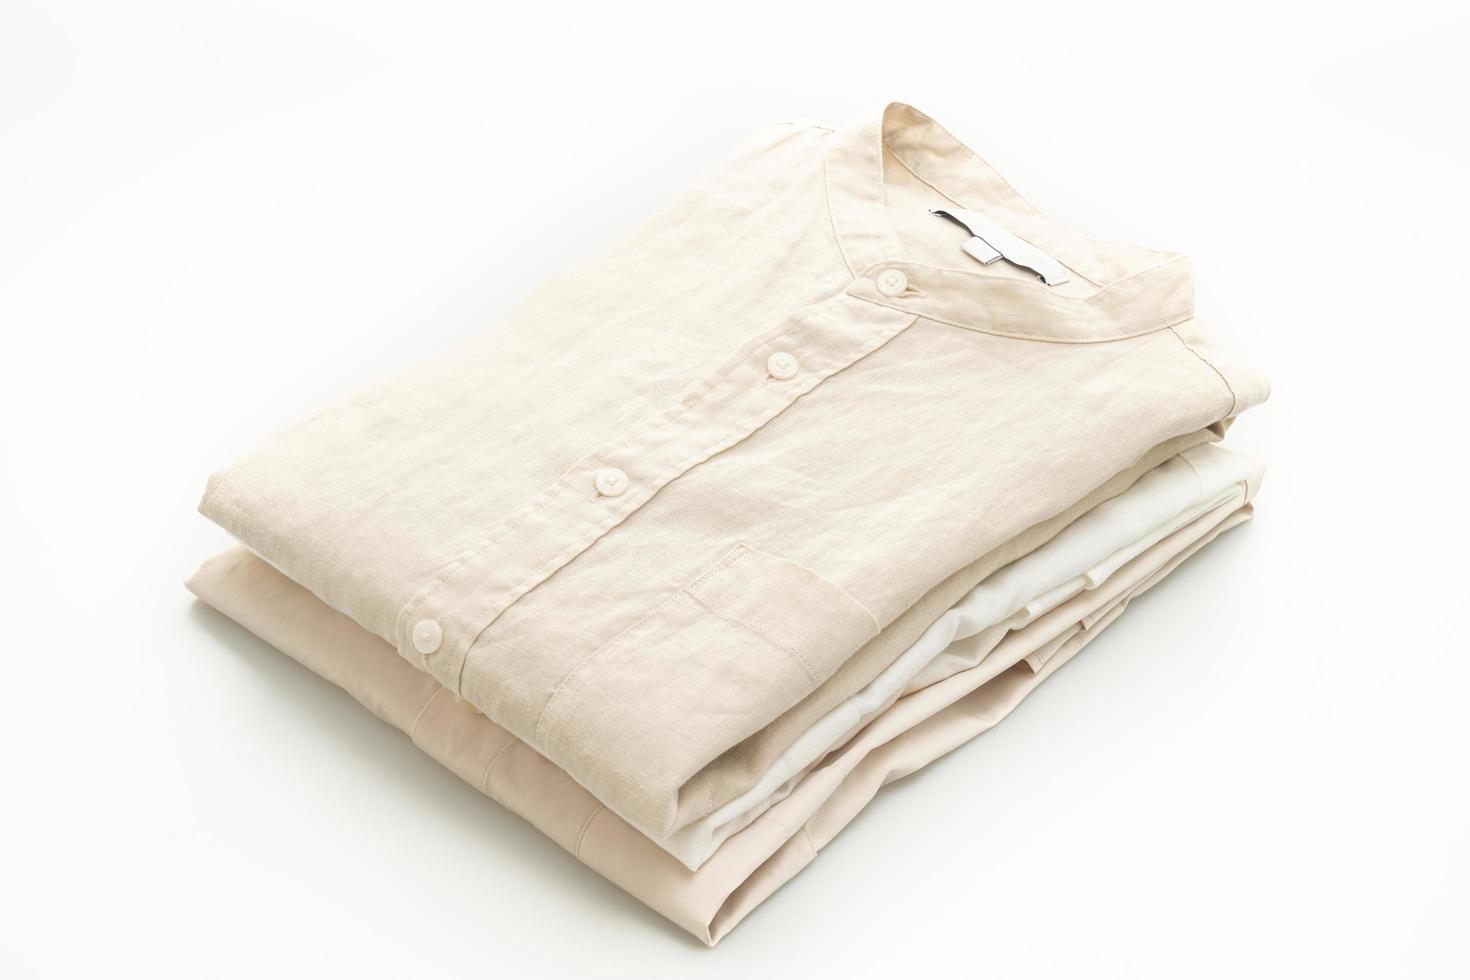 beige overhemden gevouwen geïsoleerd op een witte achtergrond foto